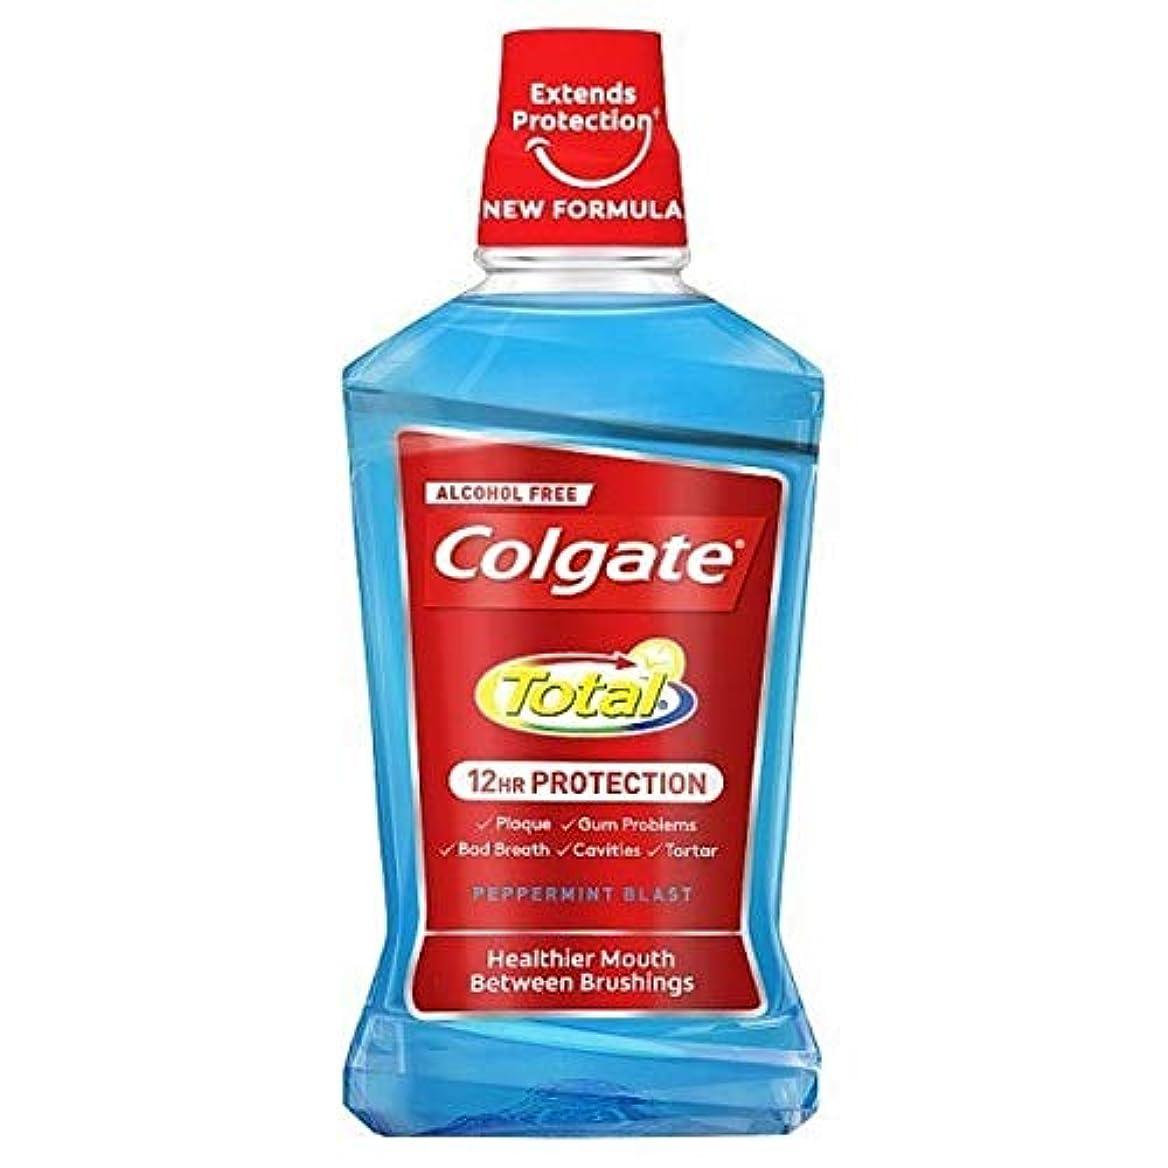 補償平らにする水素[Colgate ] コルゲートトータルペパーミントブラストマウスウォッシュ500ミリリットル - Colgate Total Peppermint Blast Mouthwash 500ml [並行輸入品]